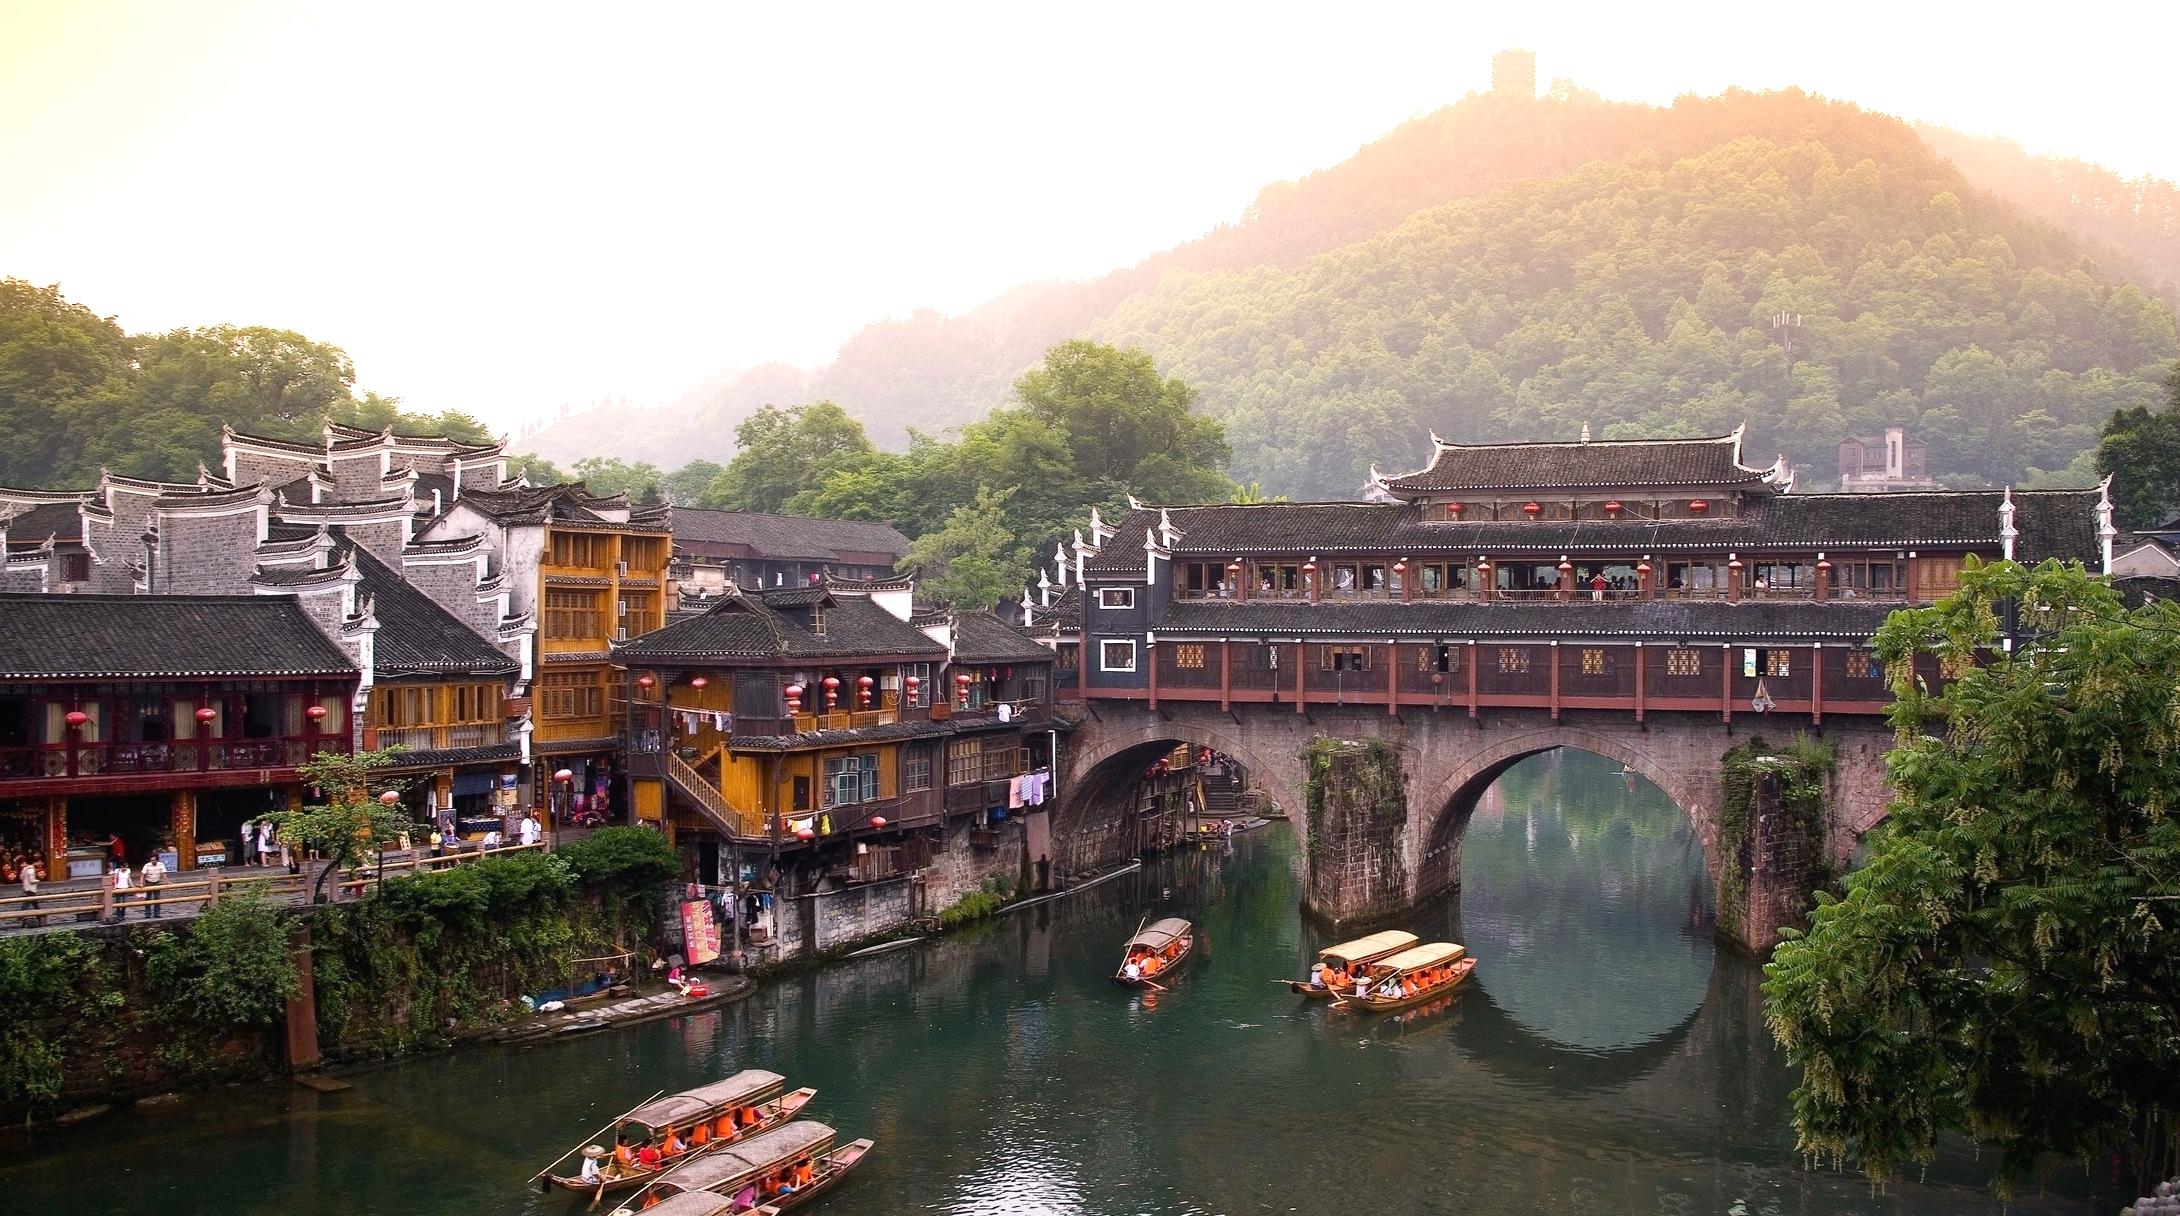 Tour Trung Quốc: Trương Gia Giới – Phượng Hoàng Cổ Trấn 6 ngày